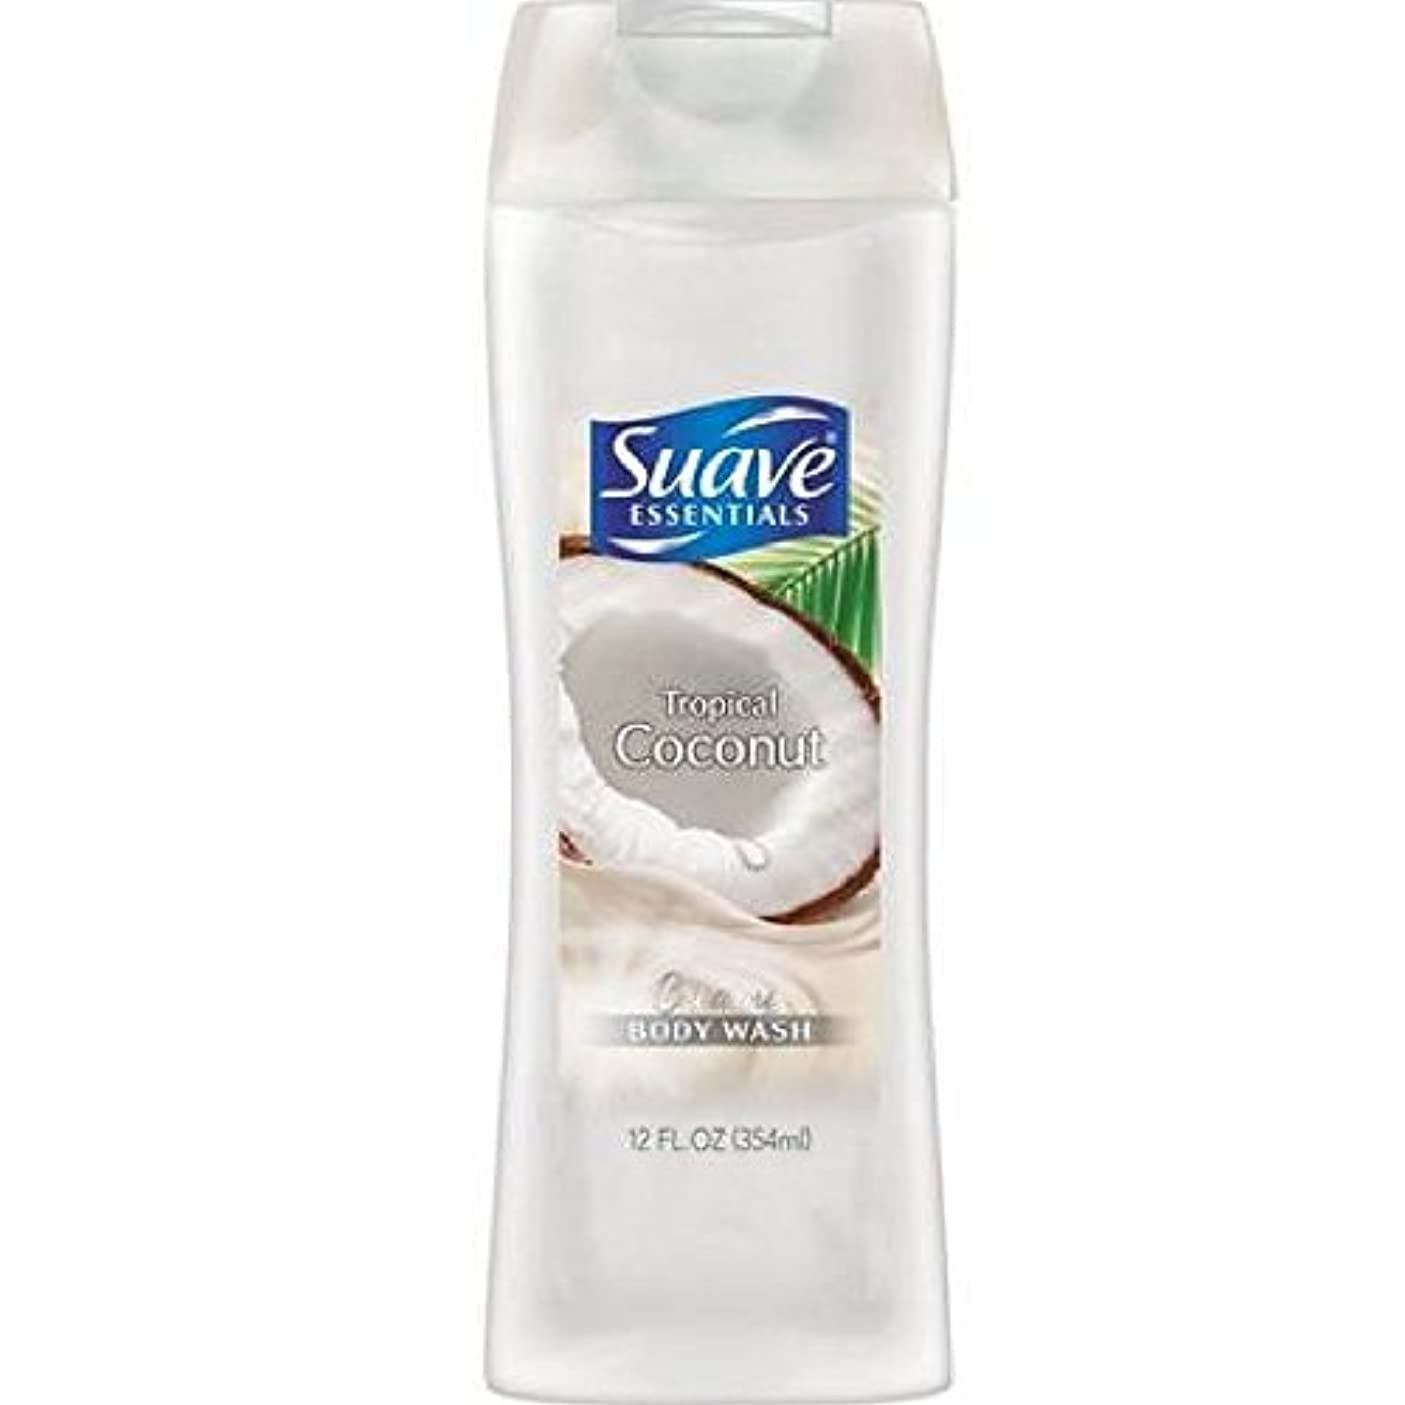 急速な泣く提供Suave Naturals Body Wash - Tropical Coconut - 12 oz - 2 pk by Suave [並行輸入品]